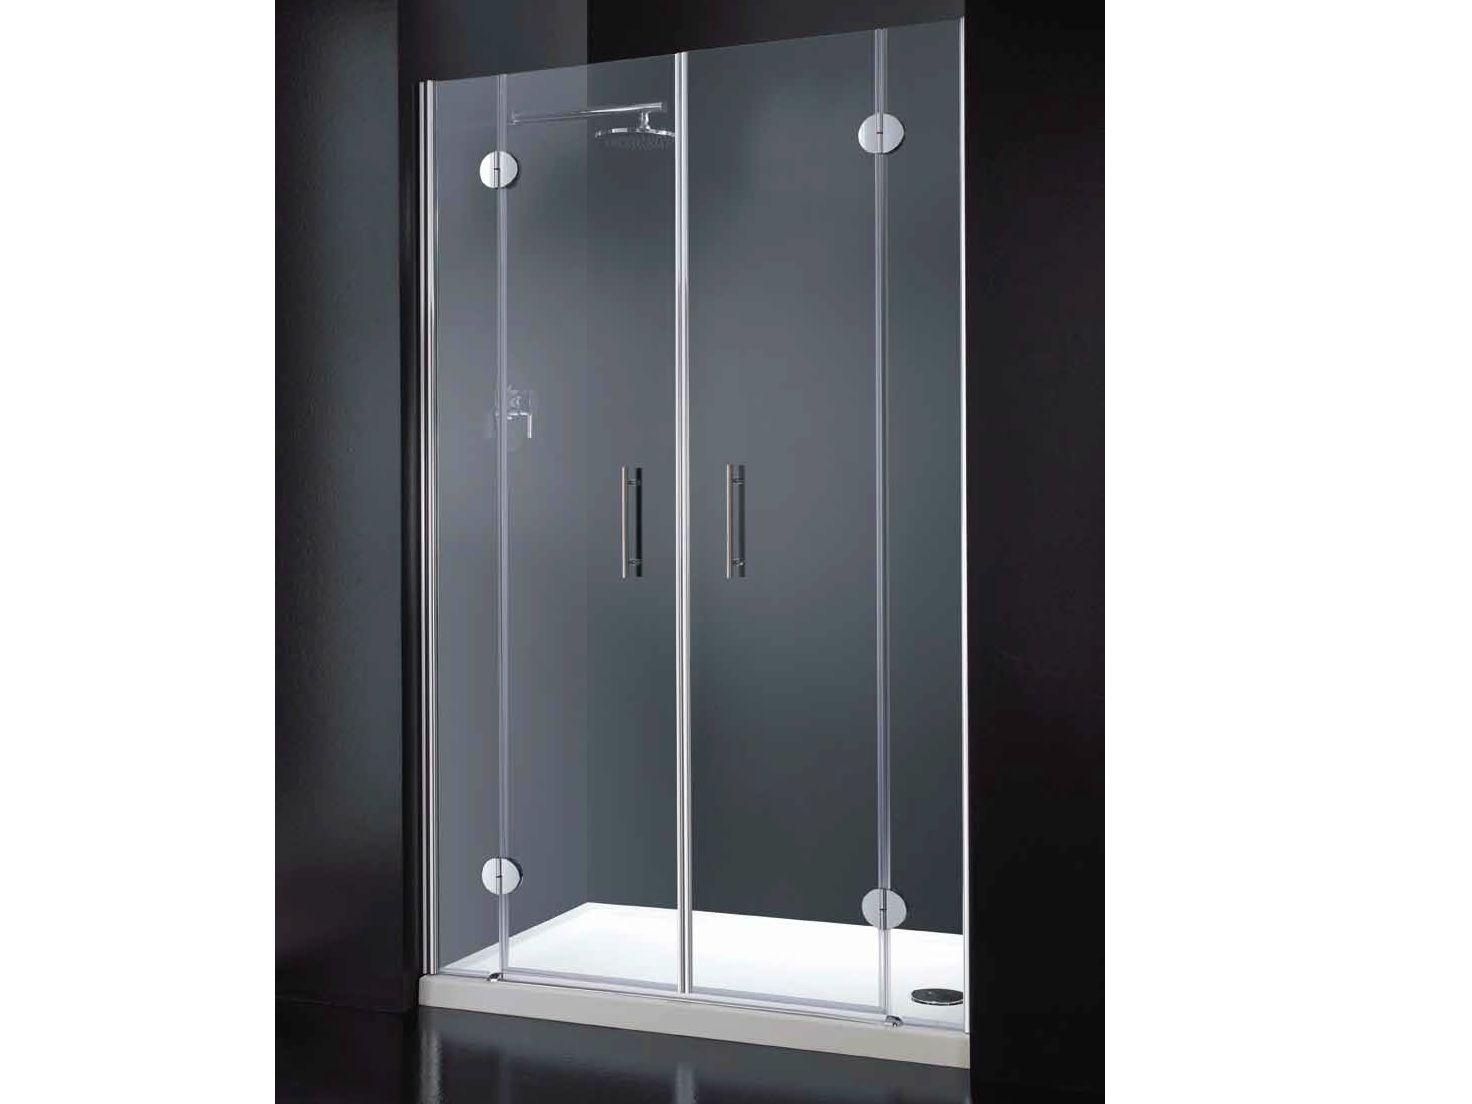 ... cabine doccia anche su misura. Box - Vendita online di box e cabine